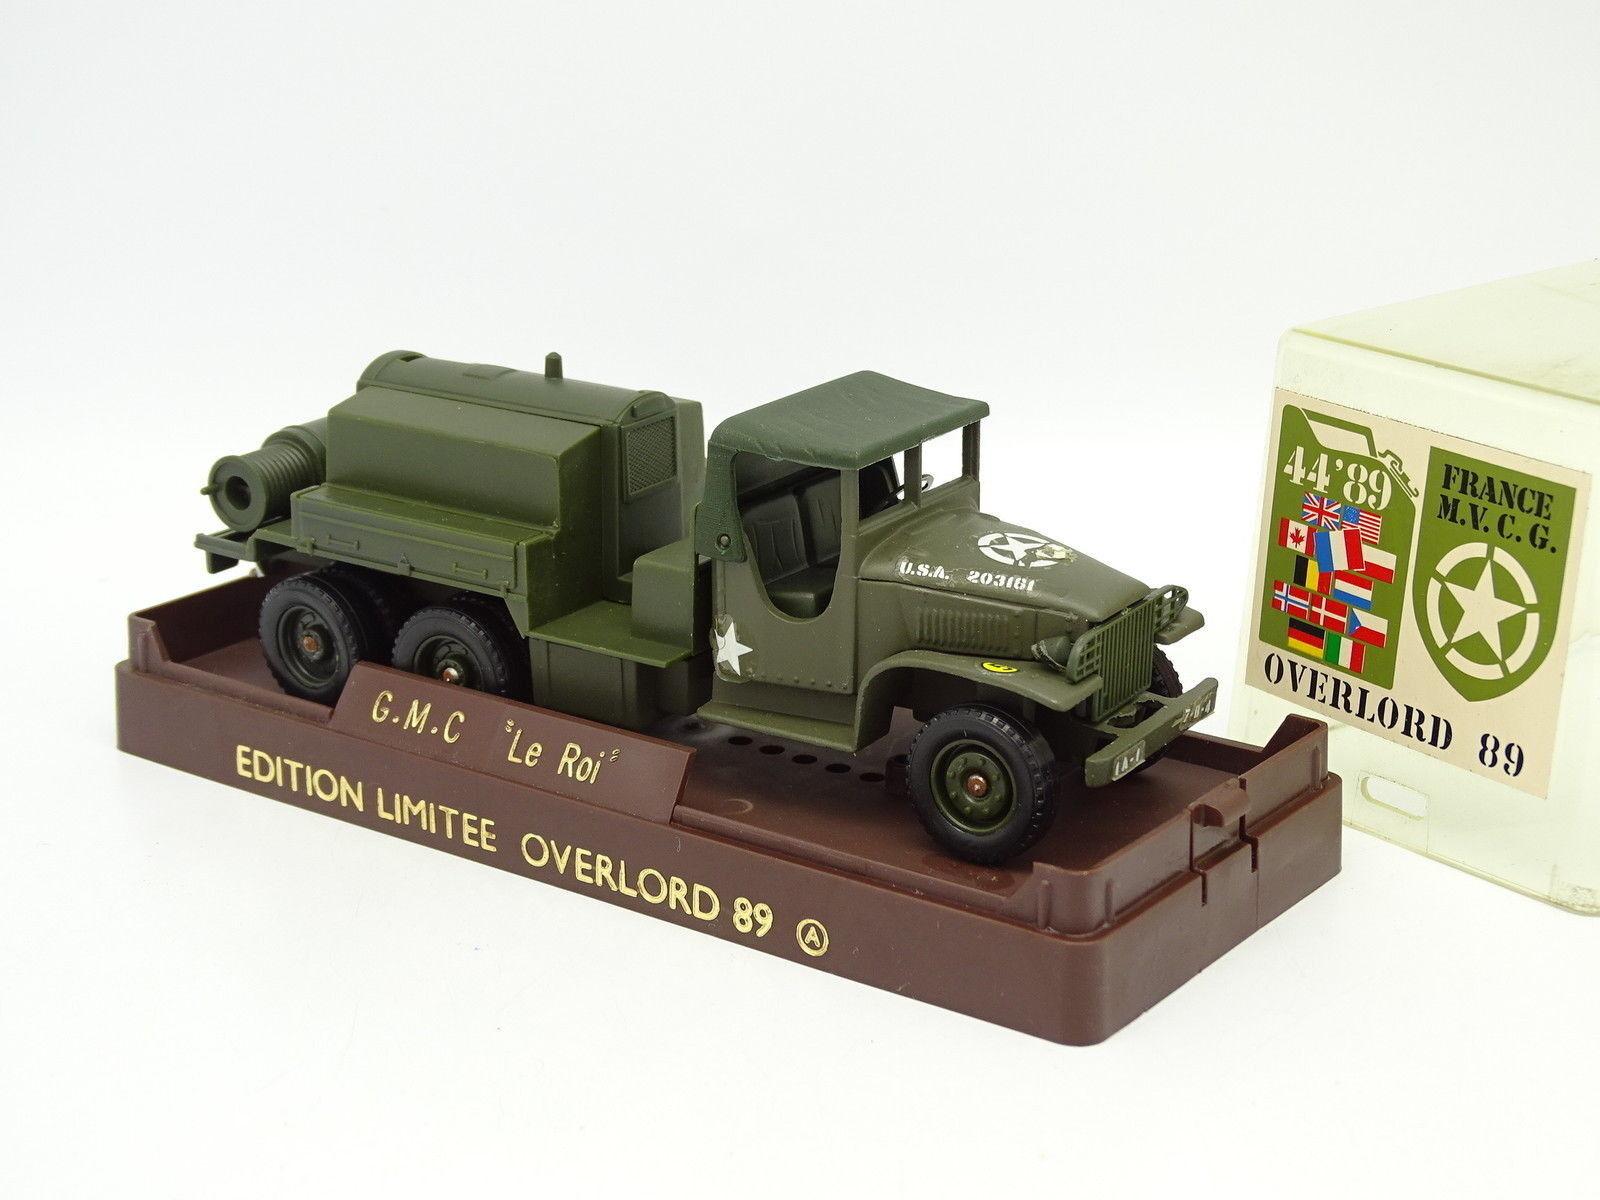 suministro directo de los fabricantes Solido Solido Solido Militar Ejército 1 50 - GMC Cisterna el Rey Overlord 1989  Obtén lo ultimo